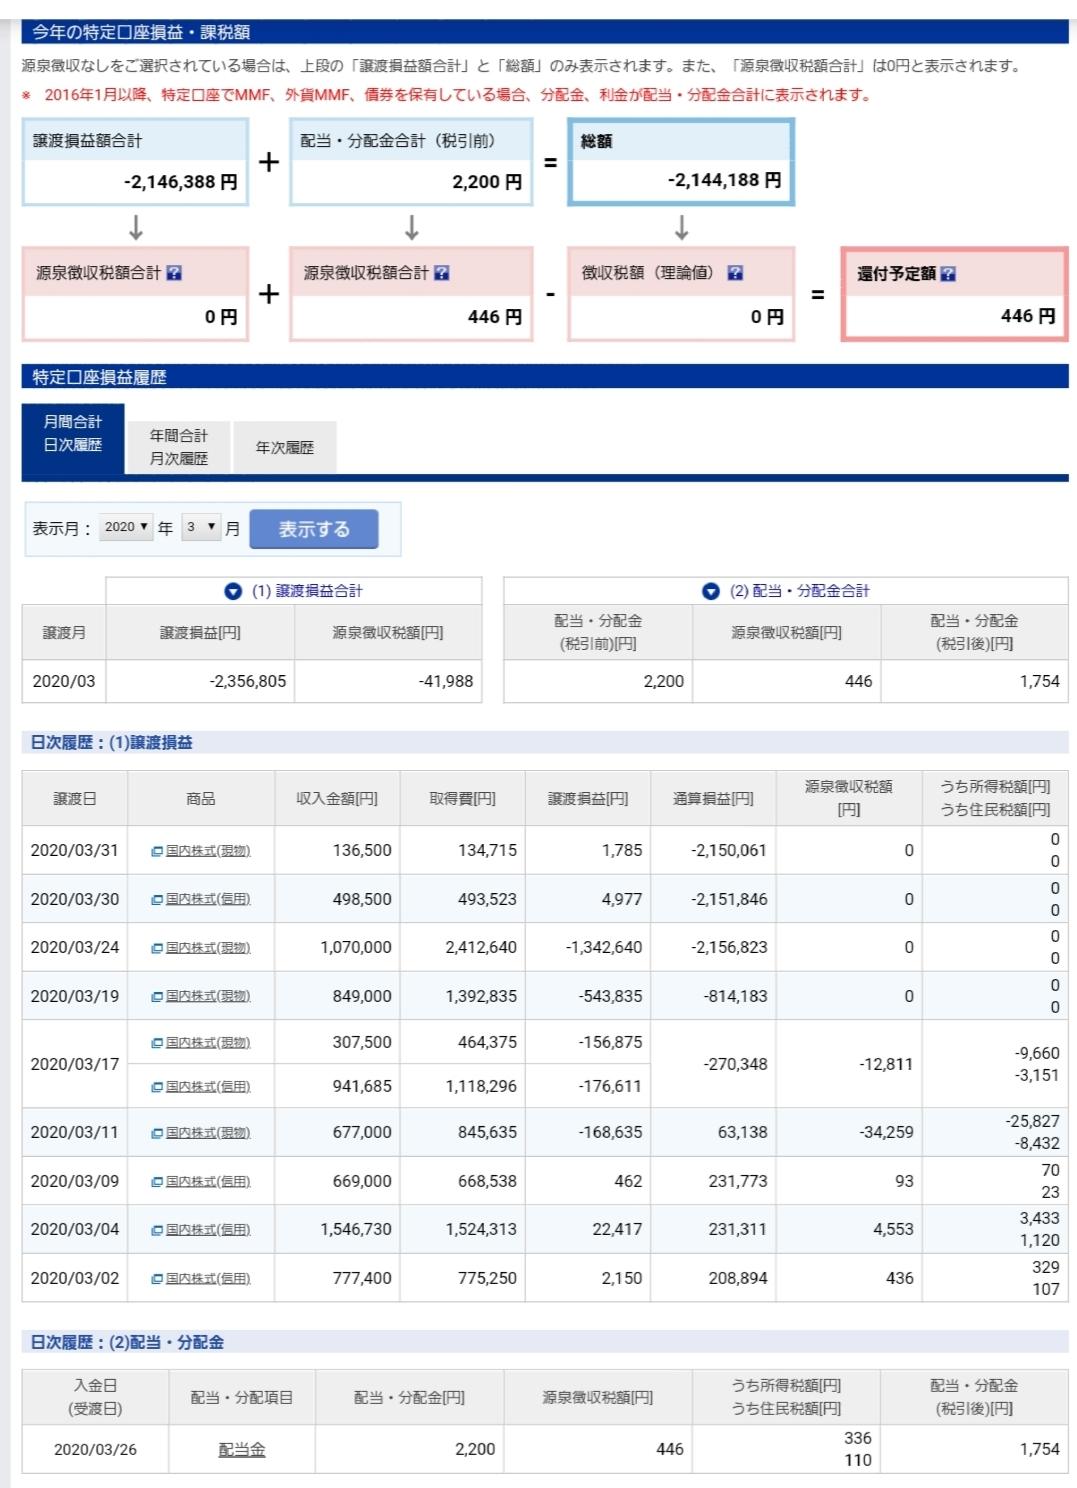 歴史的大暴落からの~3月株取引収支結果(+_+)_f0395324_17513333.jpg